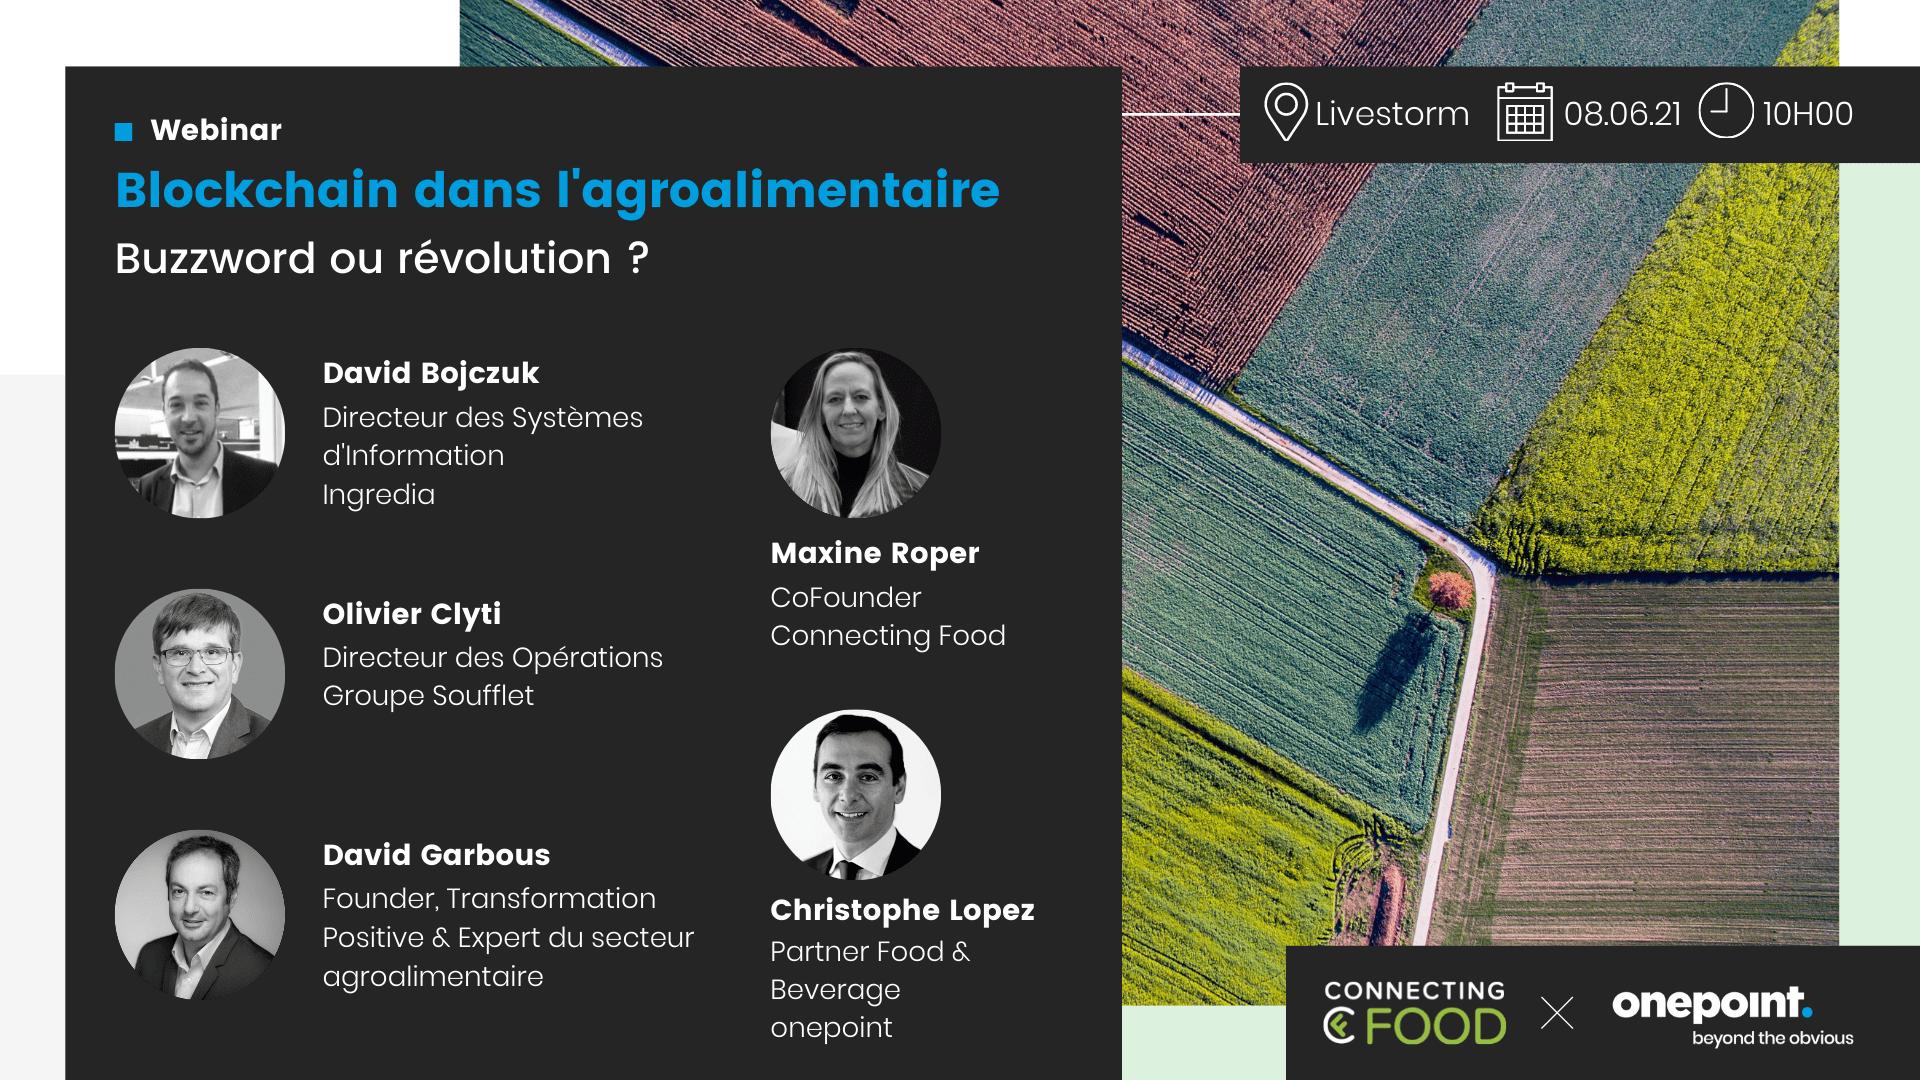 La Blockchain dans l'agroalimentaire , Buzzword ou Révolution ?